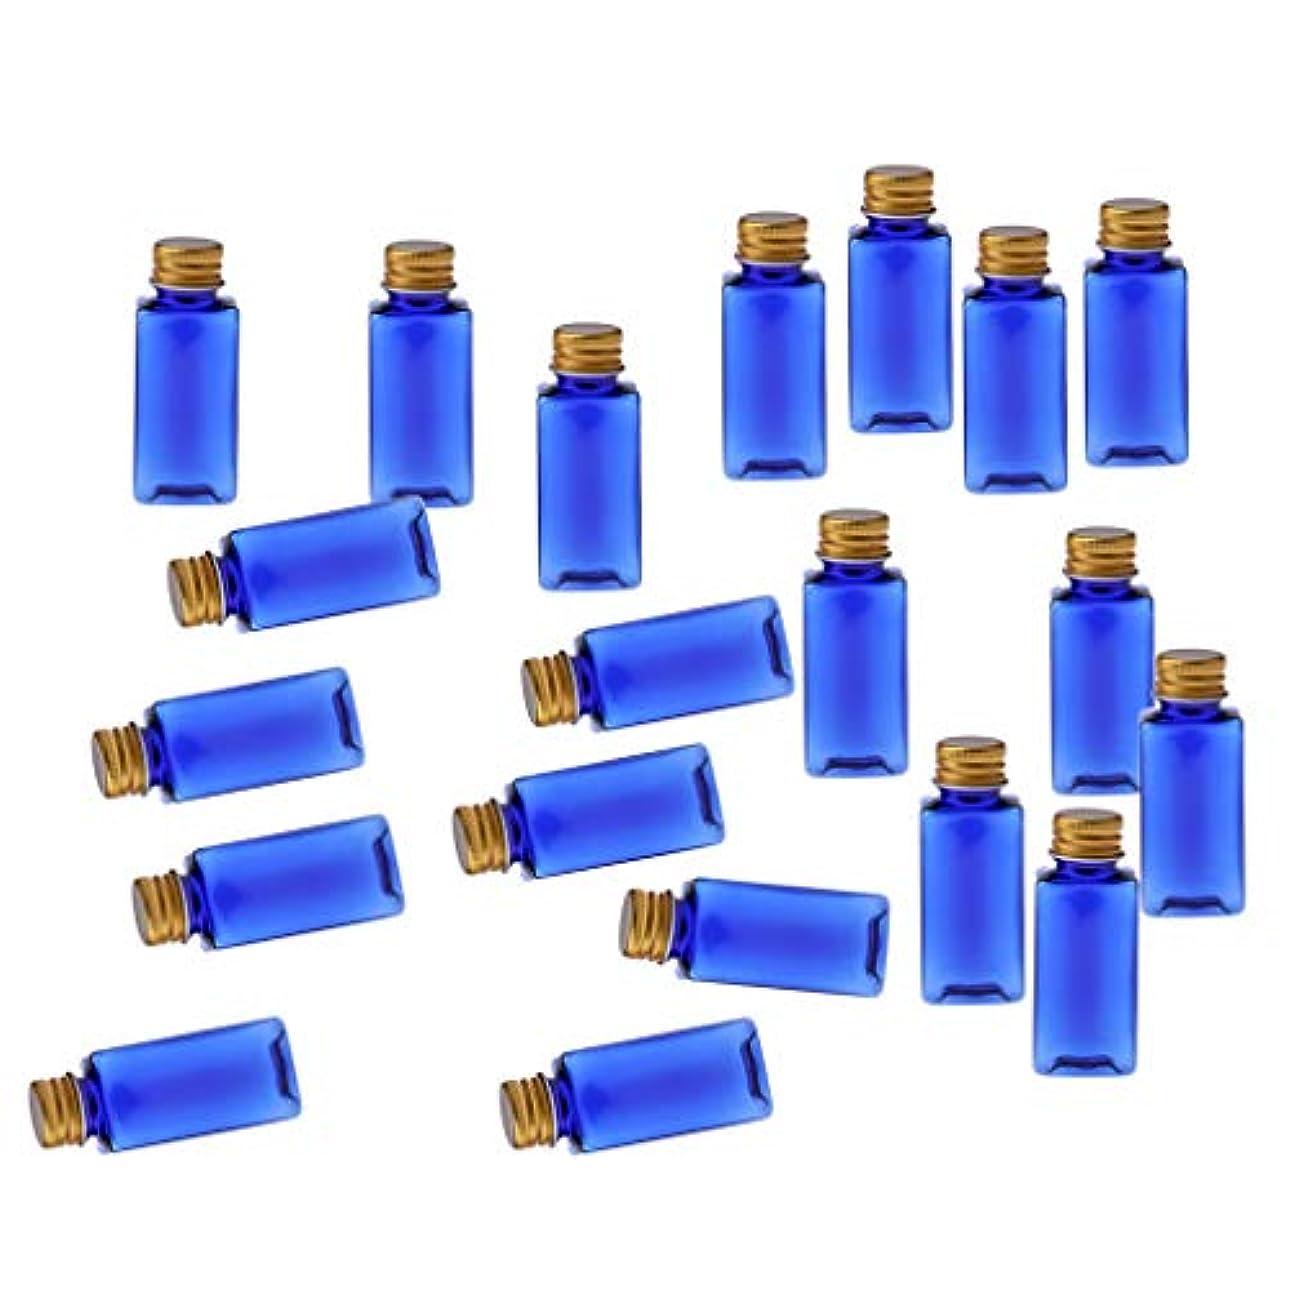 設計入浴規制するCUTICATE 化粧ボトル 香水ボトル 液体化粧品 エッセンシャルオイル 香水 ボディオイル 20個入り - ブルーゴールド